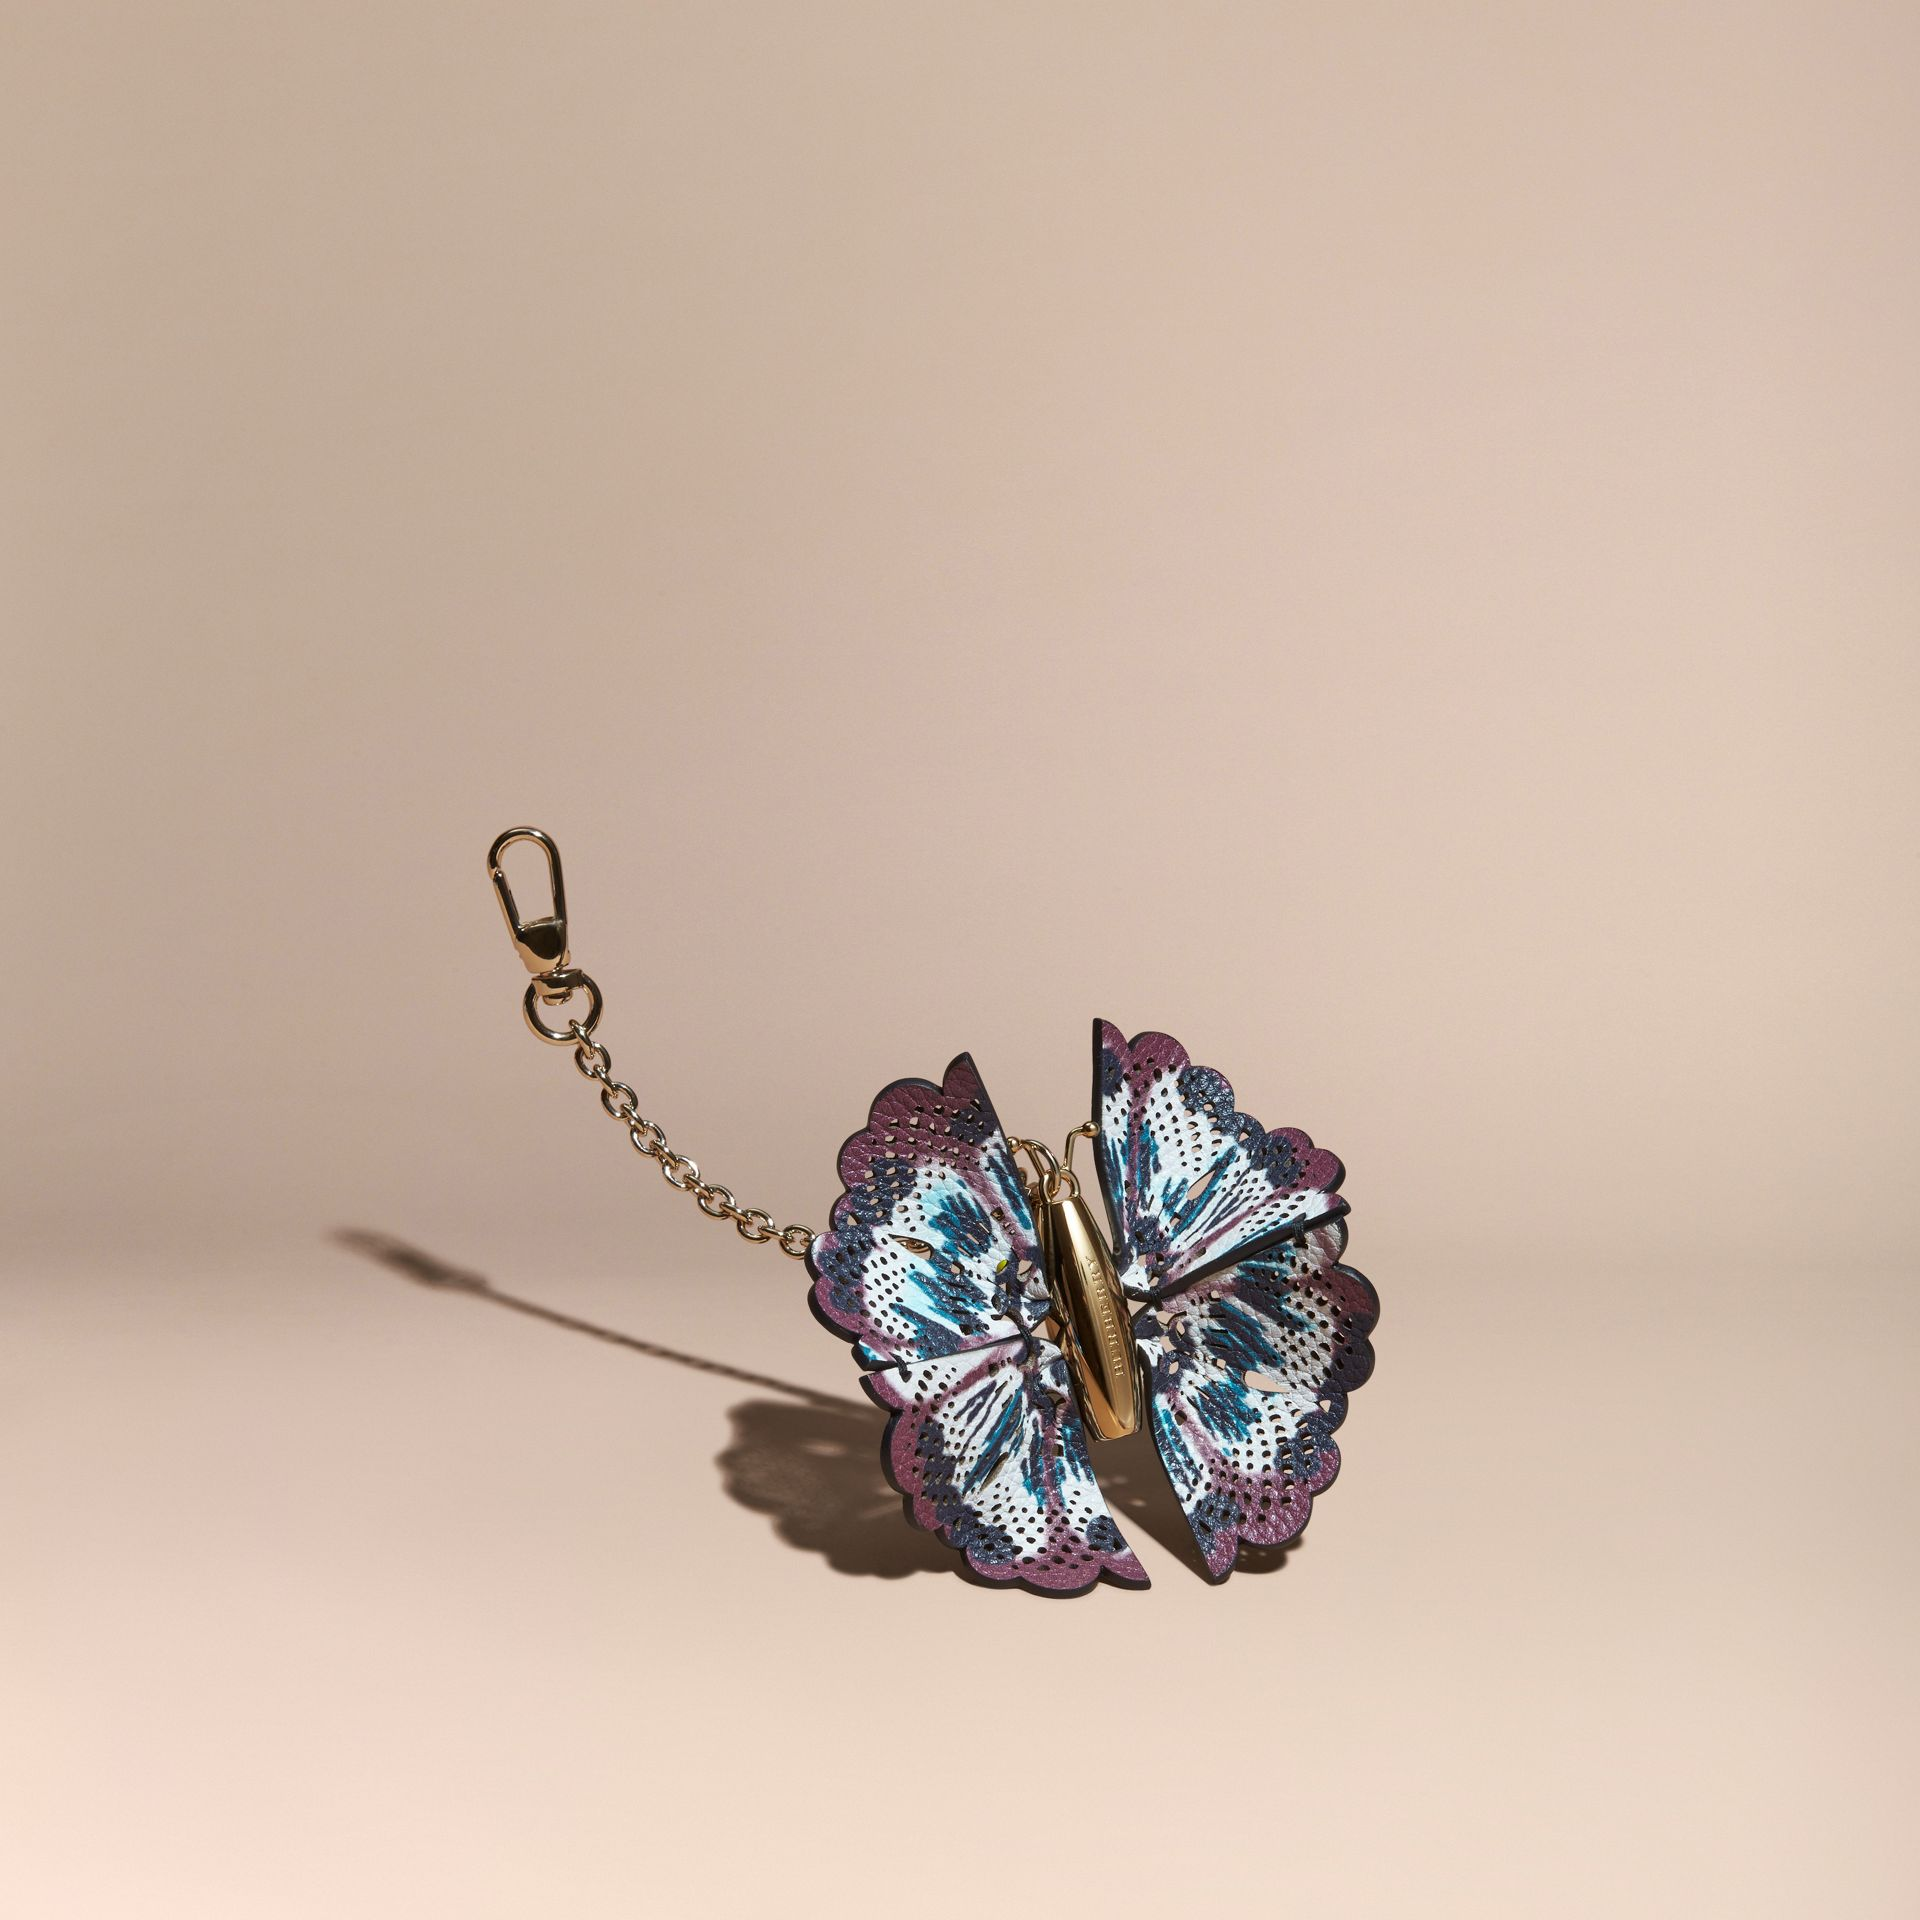 Rosa malva/rosa antico Ciondolo a forma di farfalla con pelle stampata tipo tintura a riserva Rosa Malva/rosa Antico - immagine della galleria 1